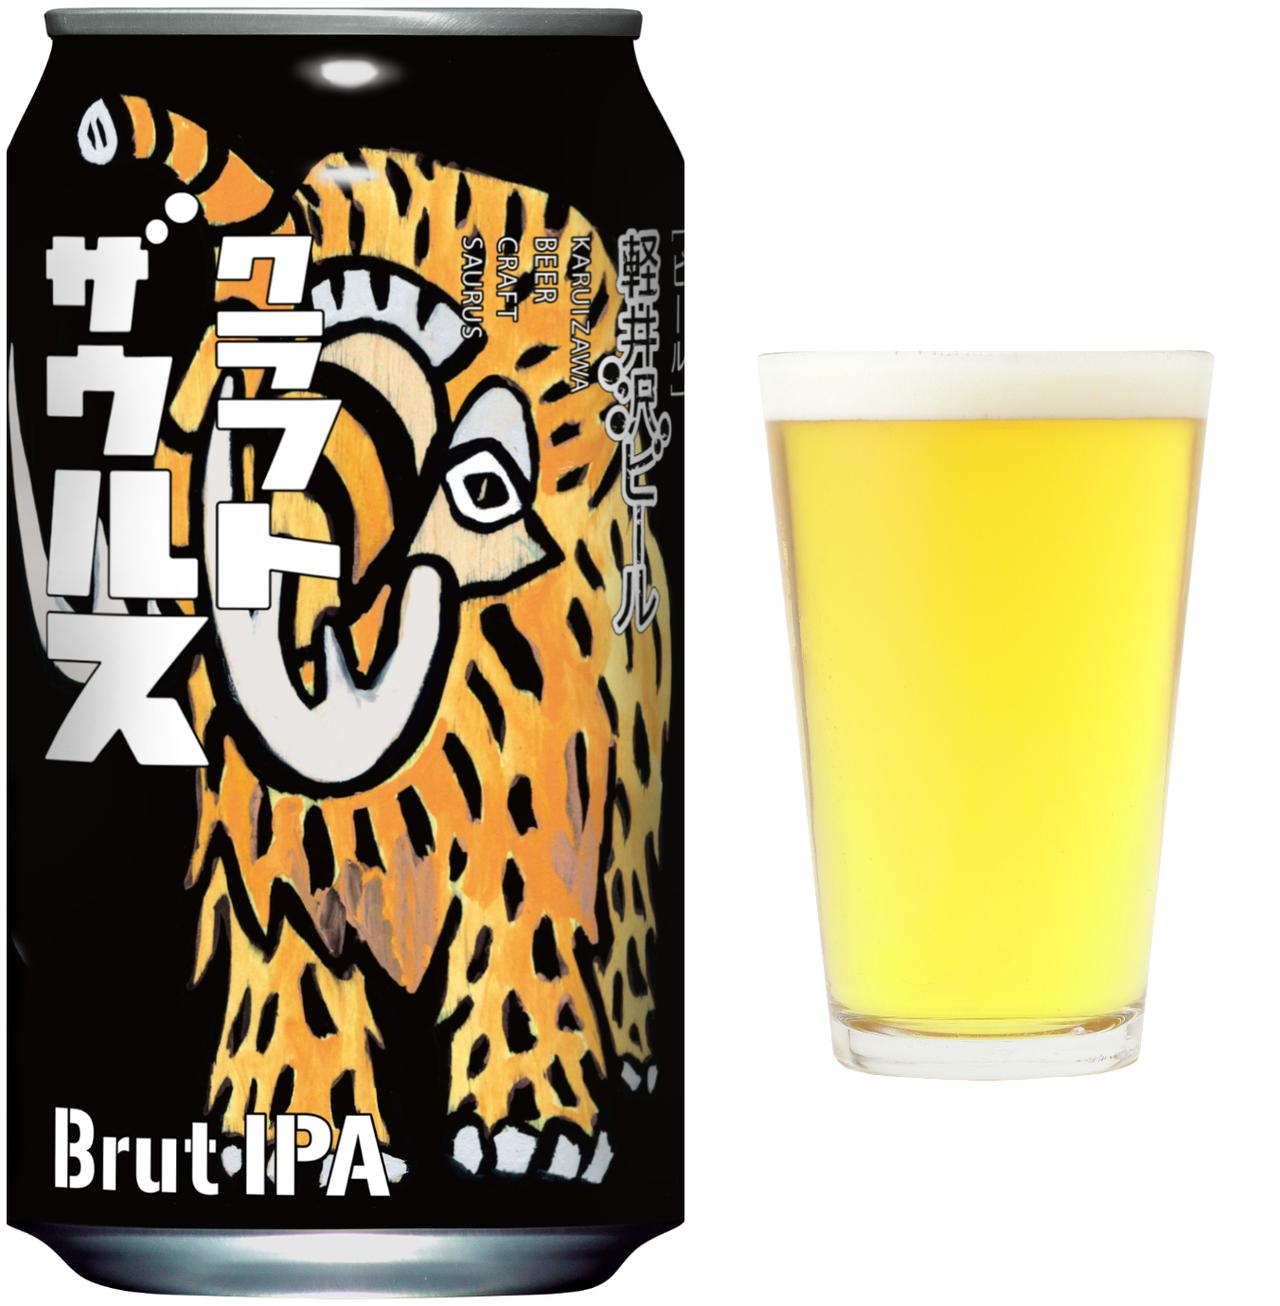 画像: 「軽井沢ビール クラフトザウルス BRUT IPA」 4月14日(火)発売、希望小売価格:315円(税抜)